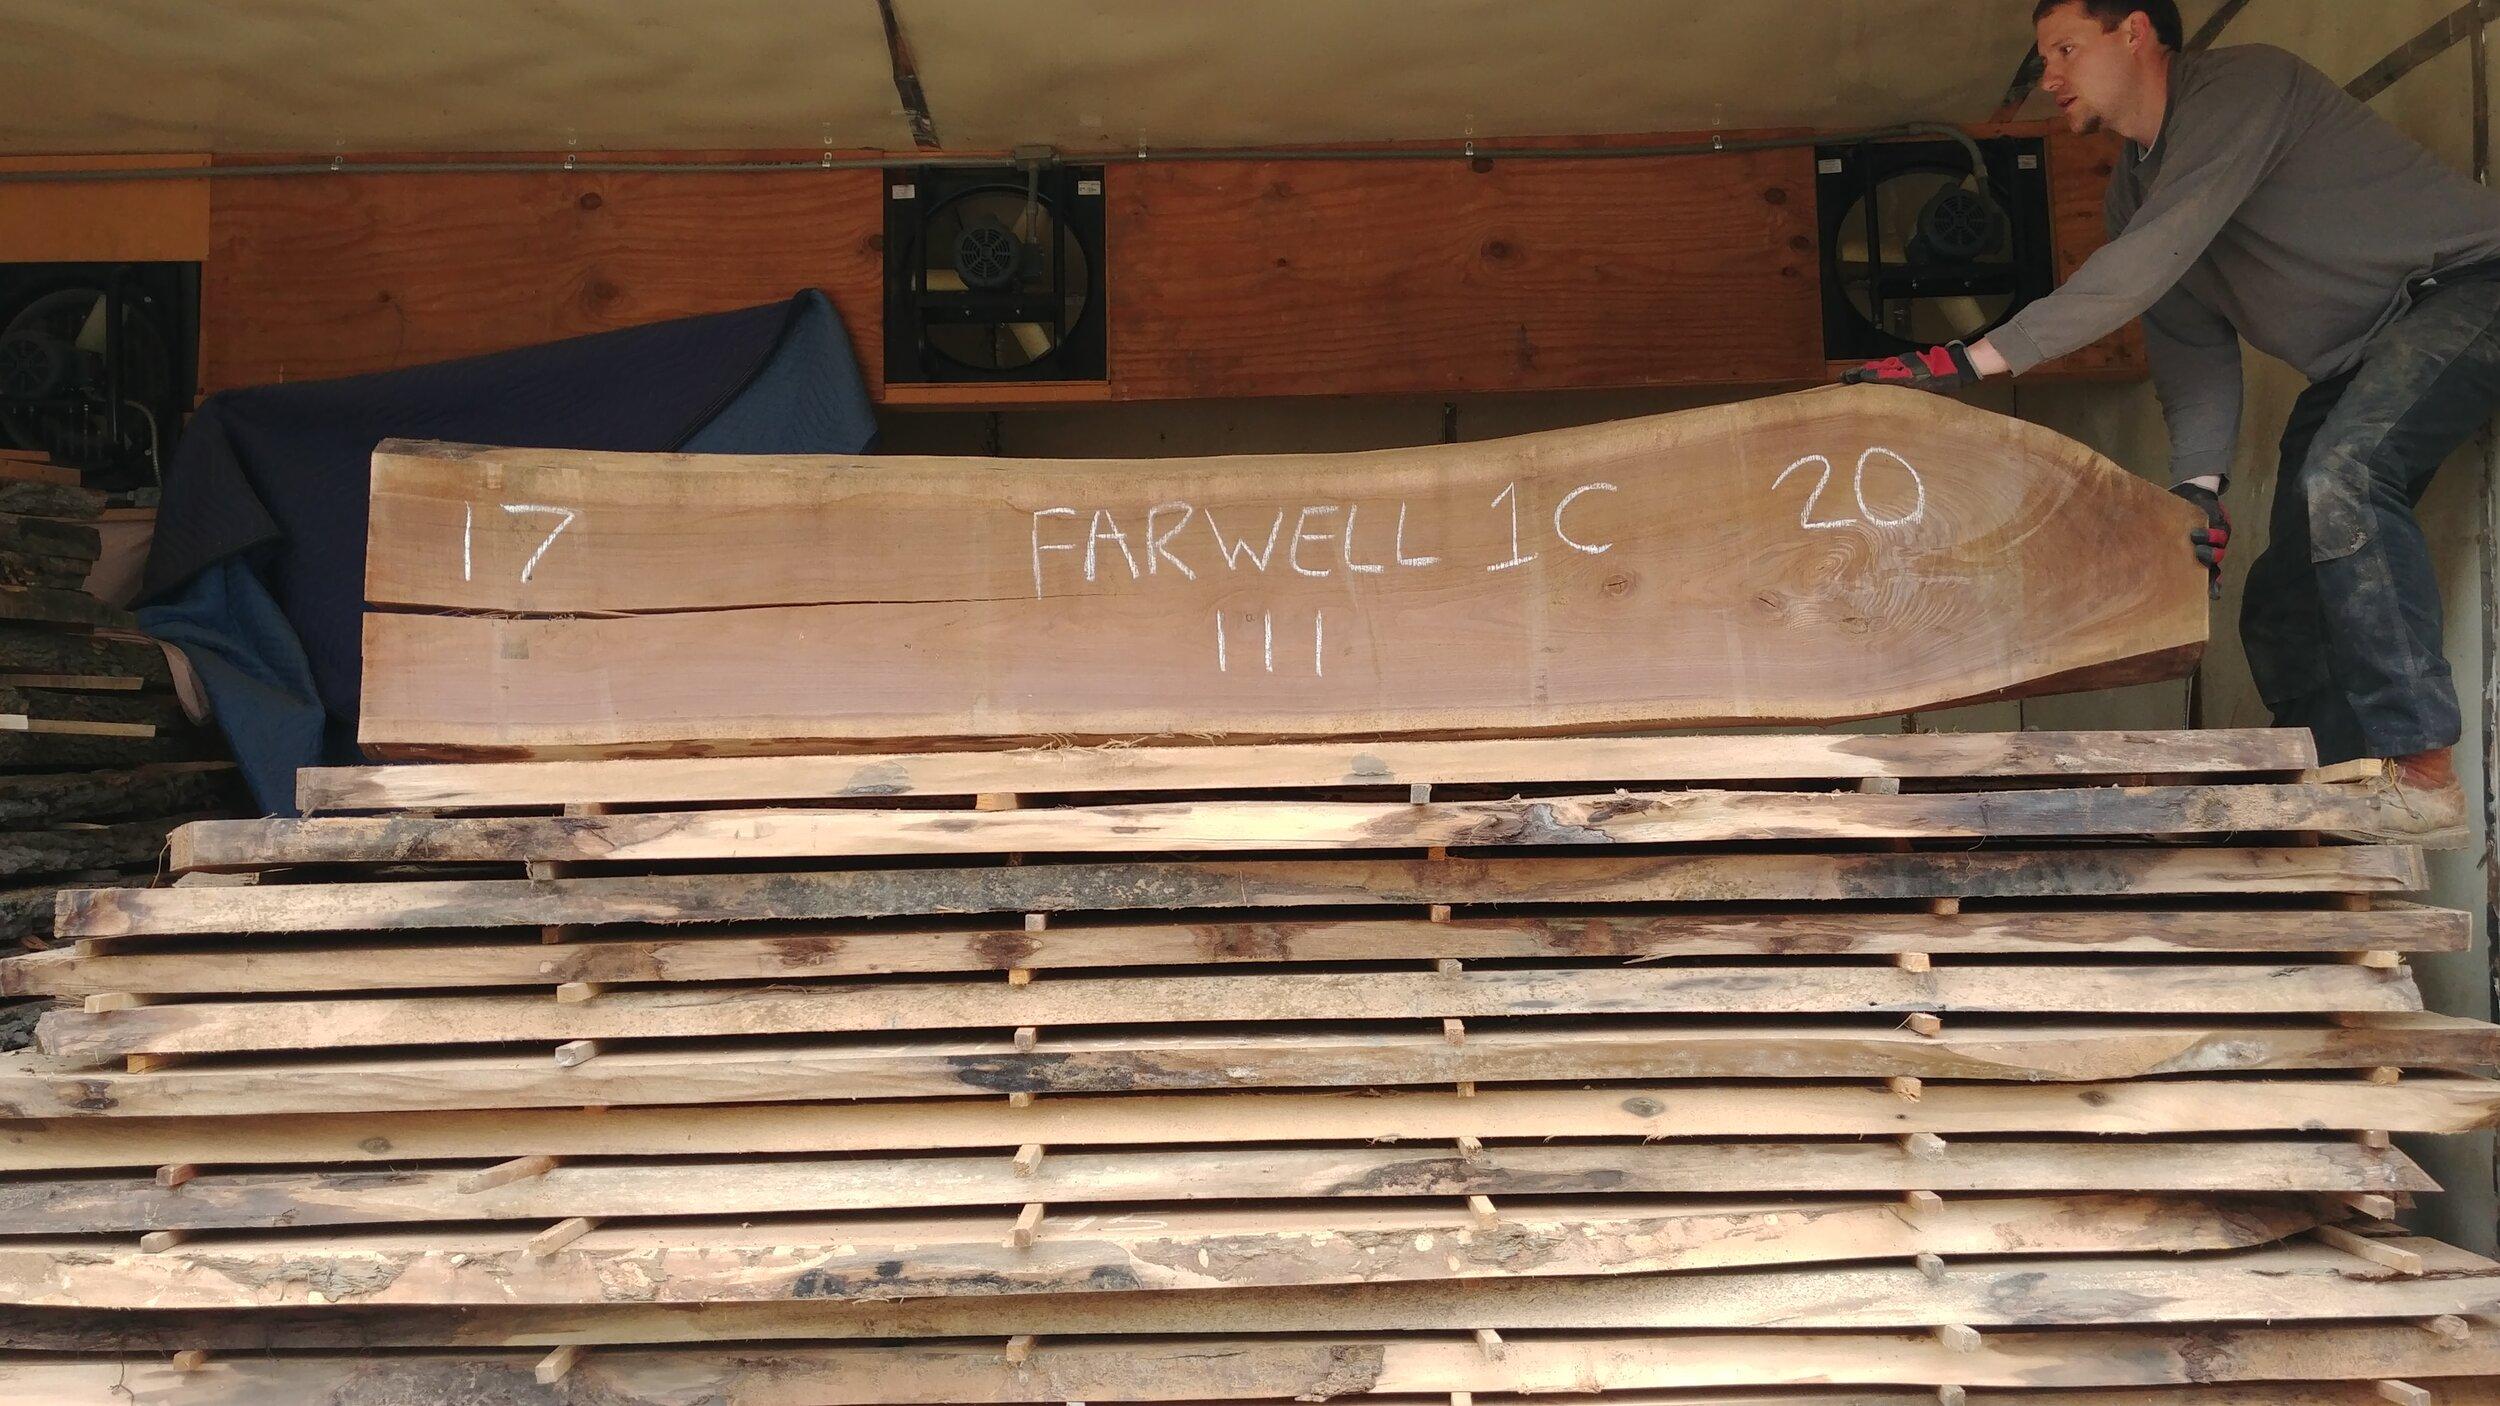 Farwell 1C.jpg